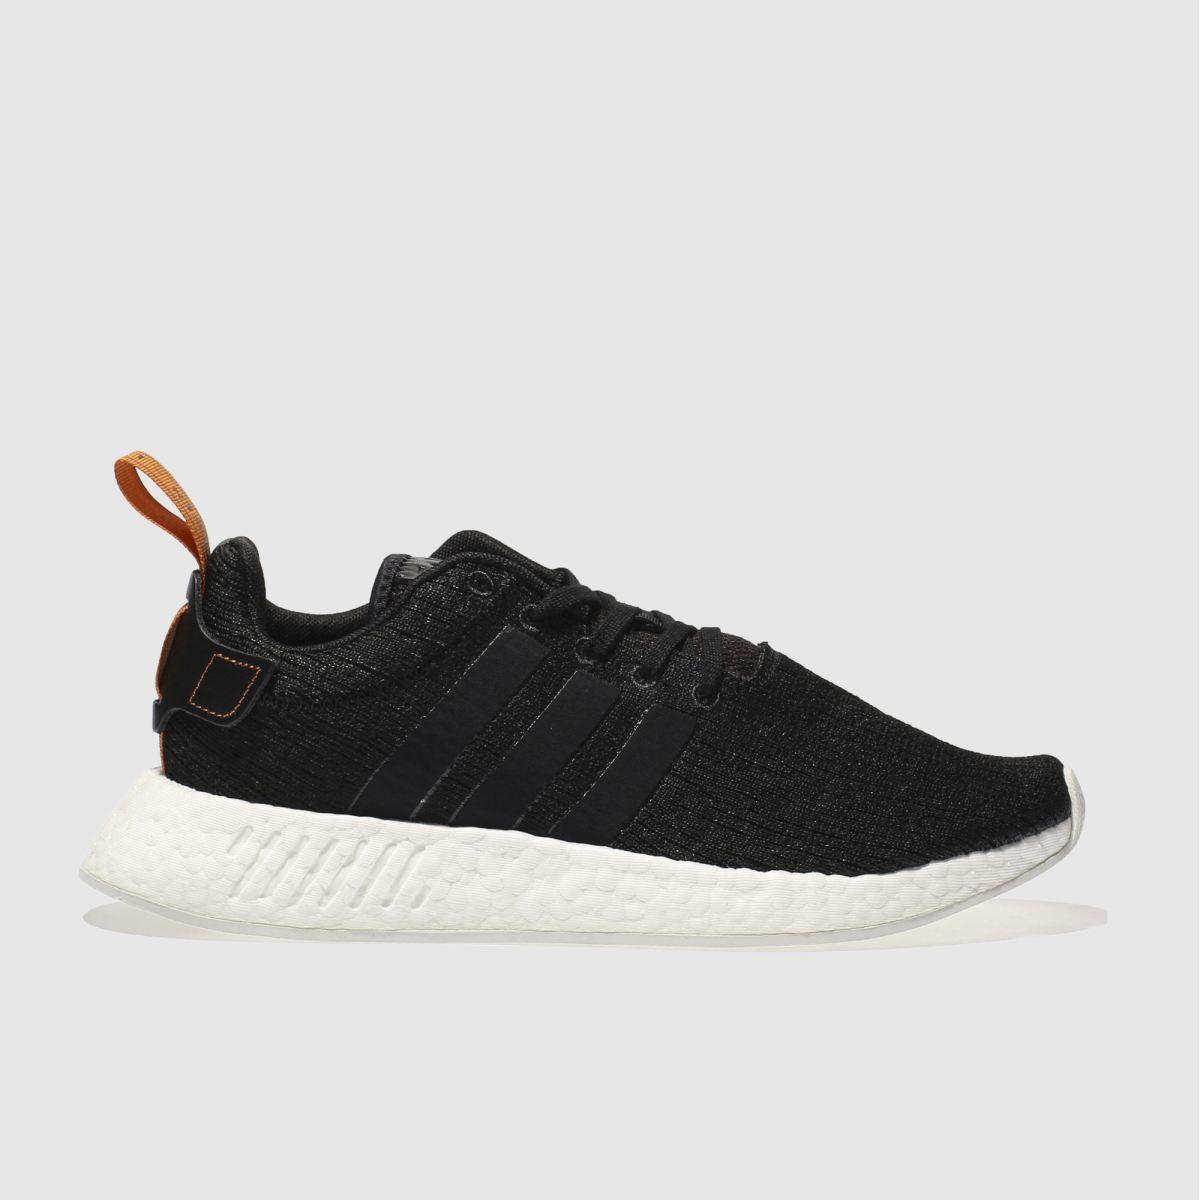 Cheap Adidas NMD R1